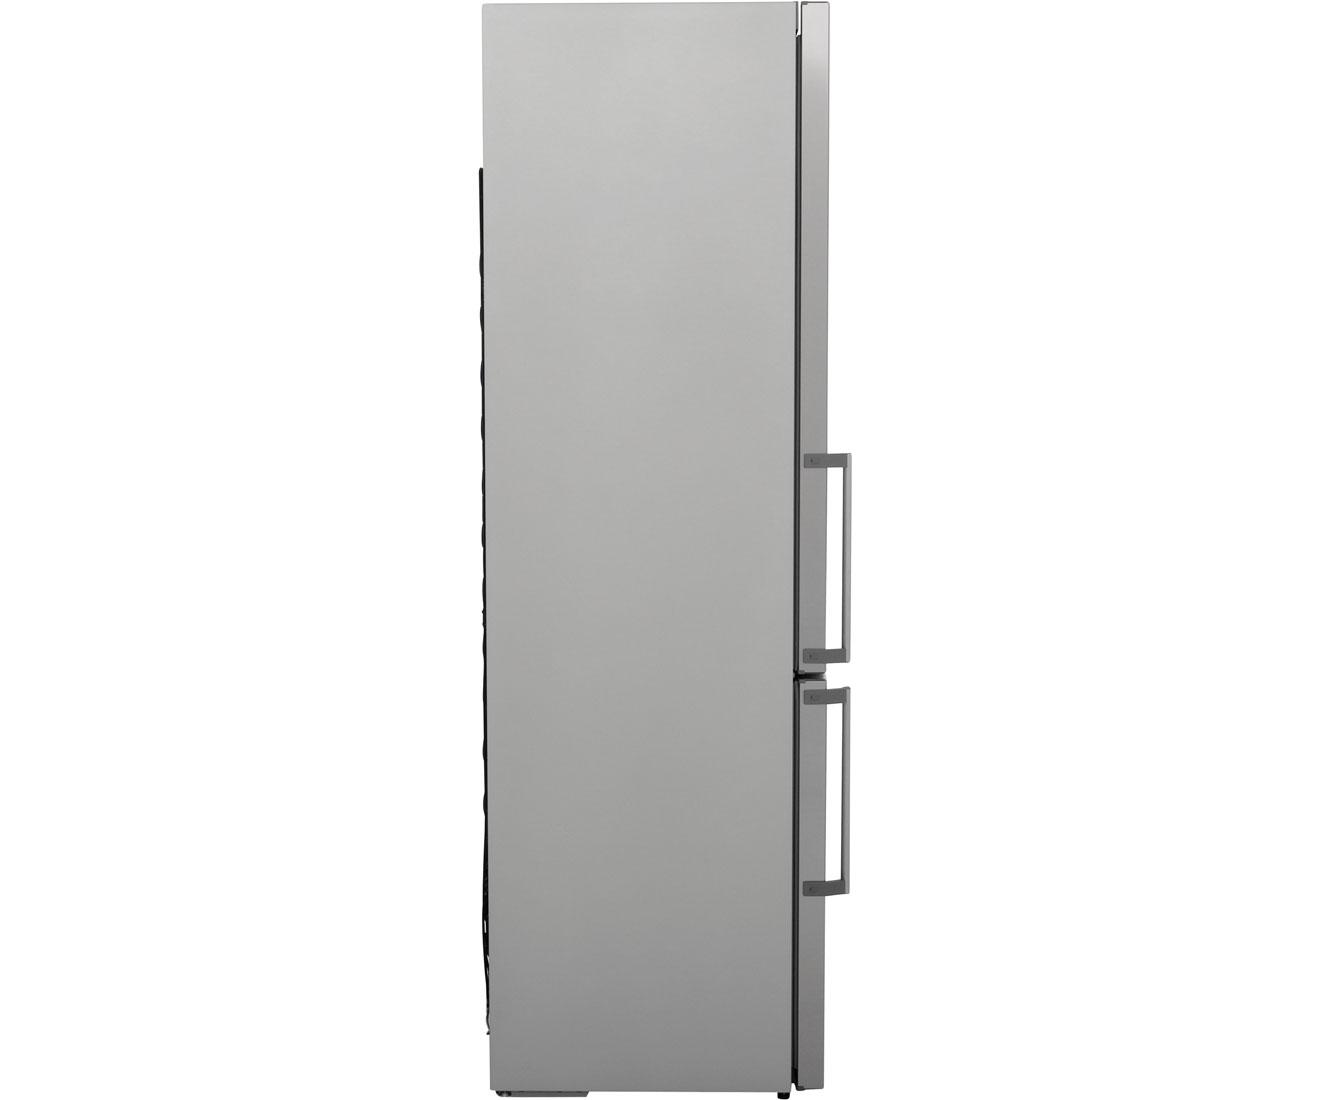 Bomann Kühlschrank Ablauf Reinigen : Bosch kühlschrank auffangbehälter ausbauen siemens kühlschrank